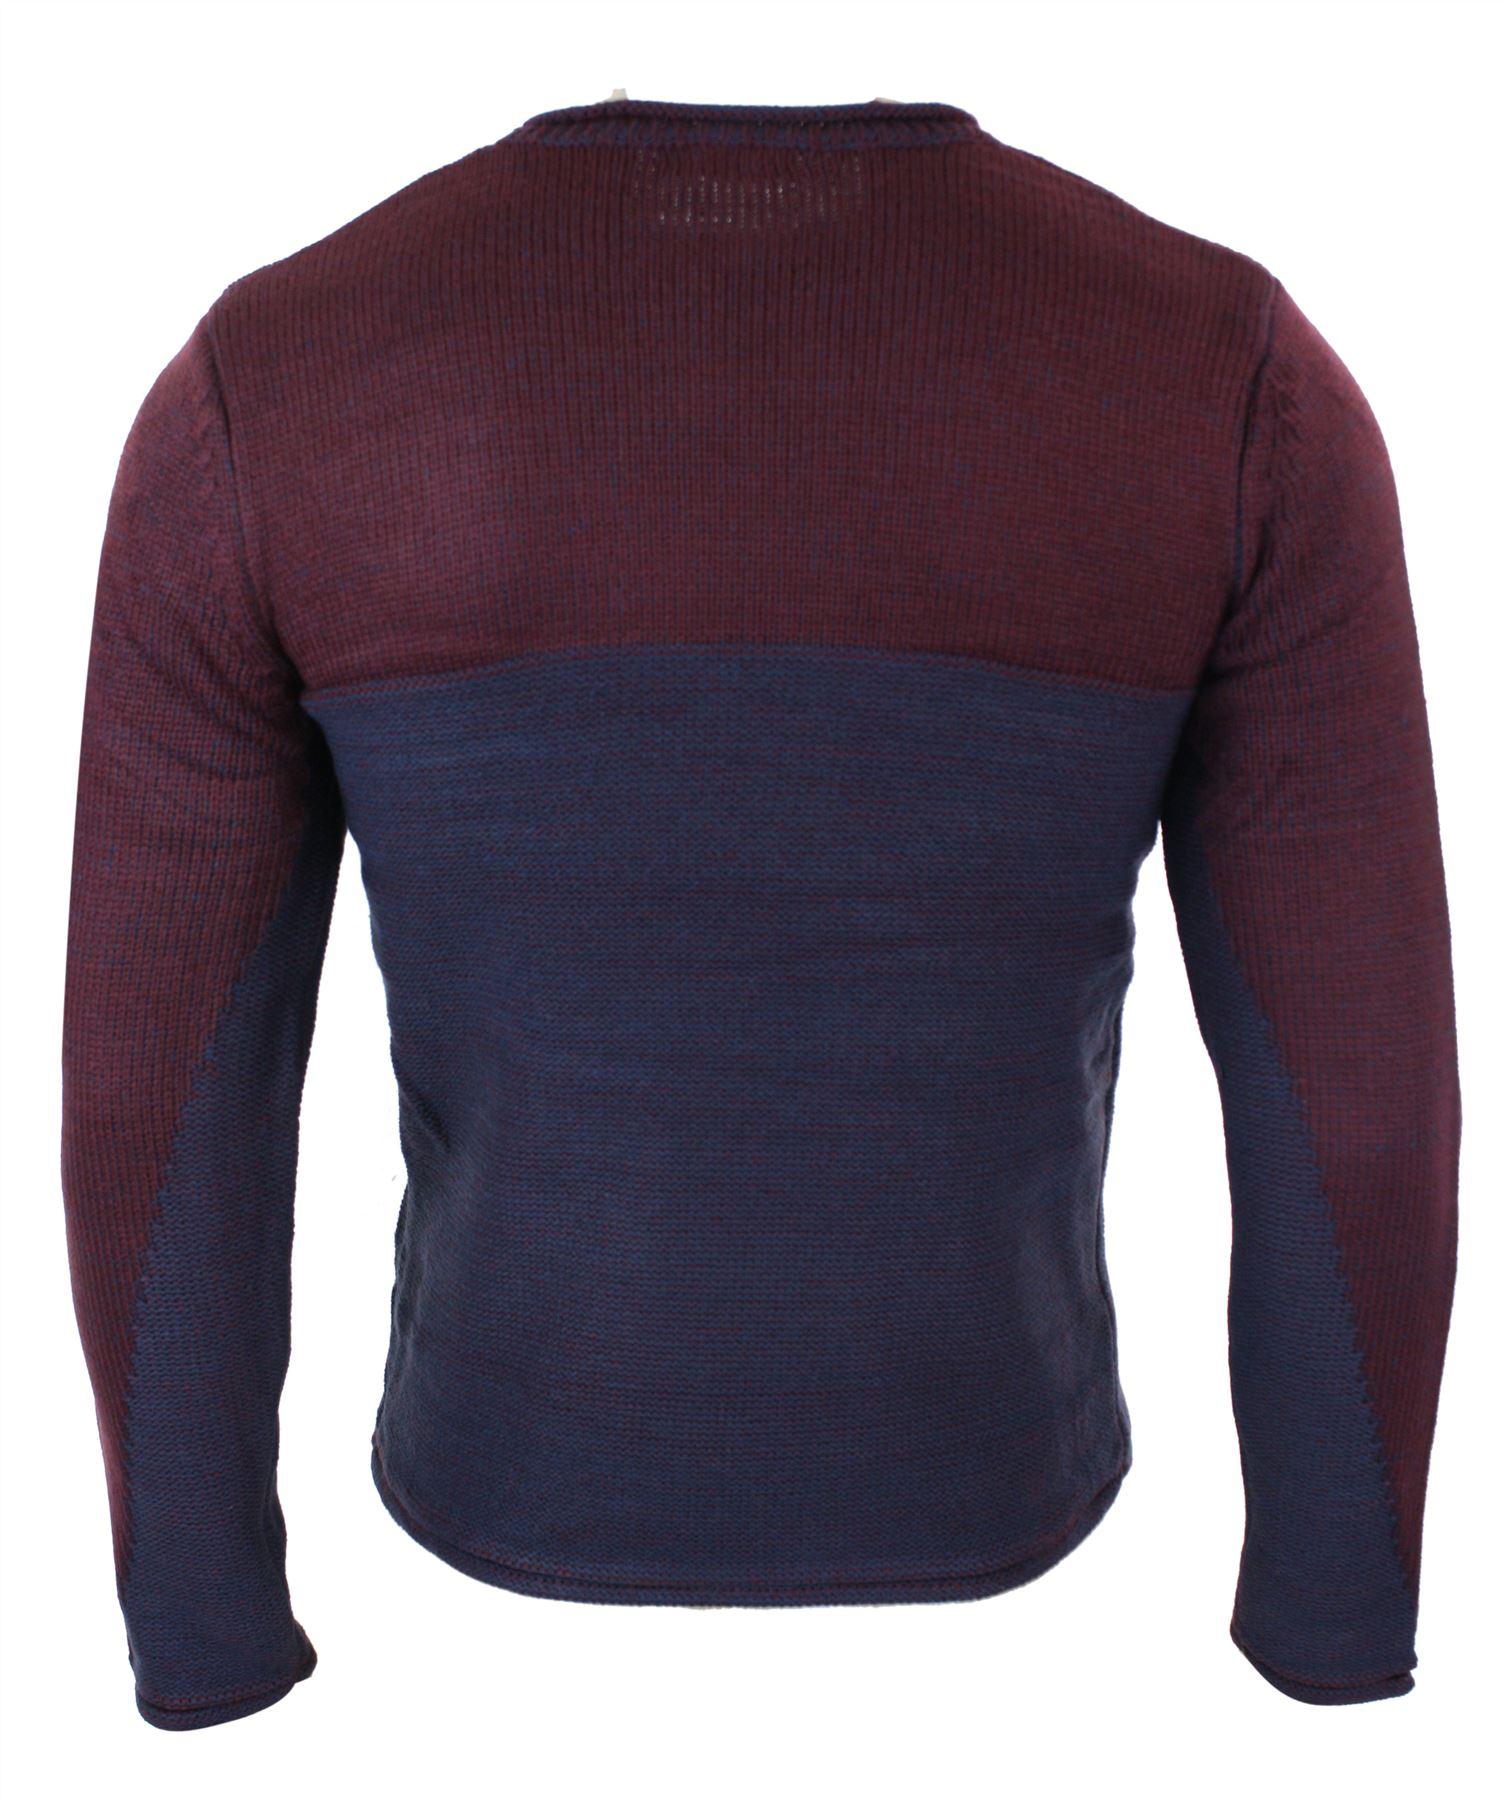 e94b54f30 Détails sur Pull homme col rond tricot classique chic décontracté chaud  pour l'hiver